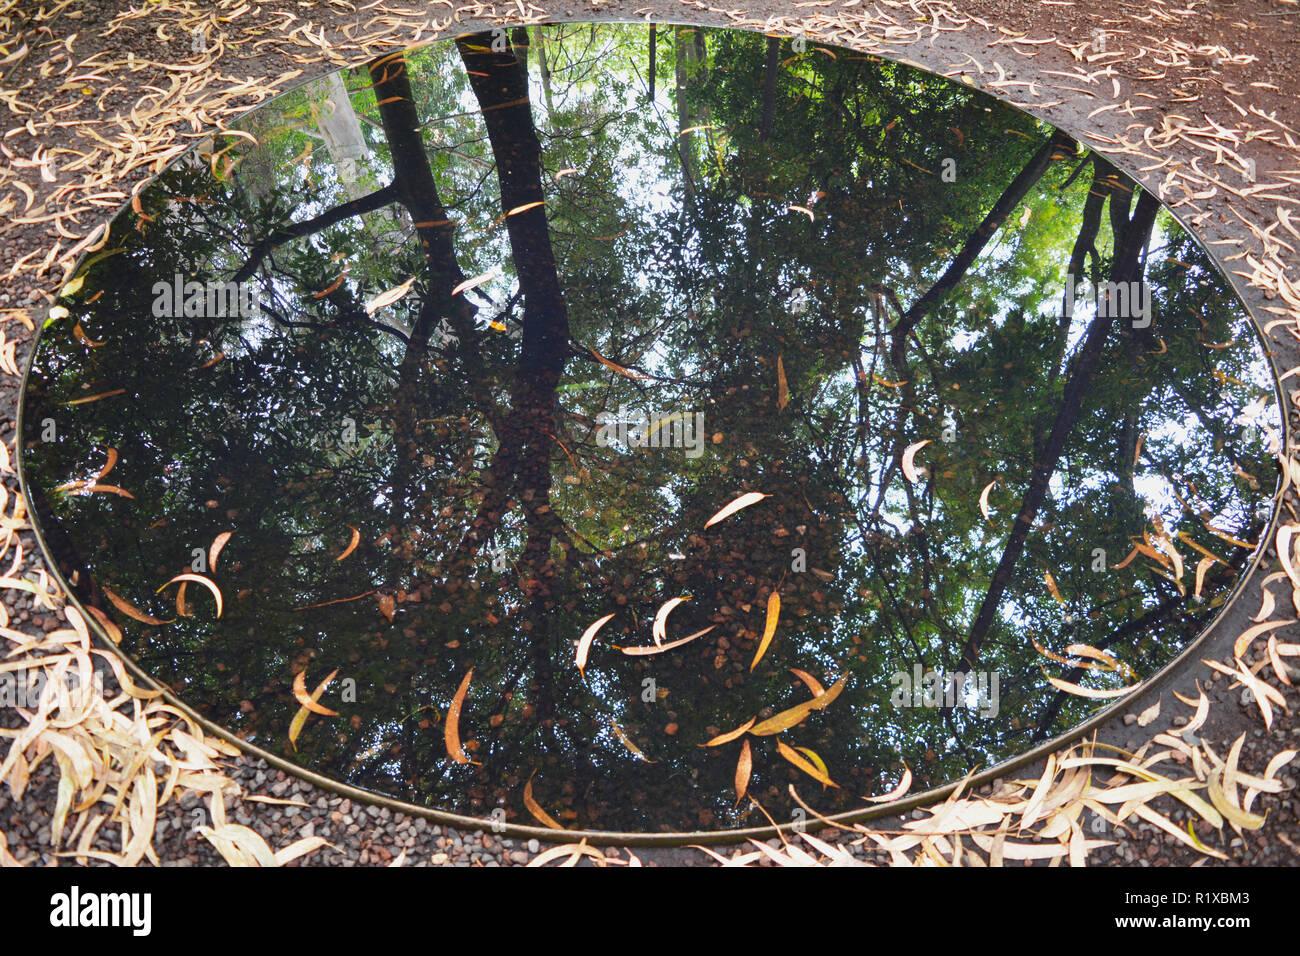 Eine alternative Perspektive des Lebens, einer schönen natürlichen Spiegel unserer Umgebung. Stockbild